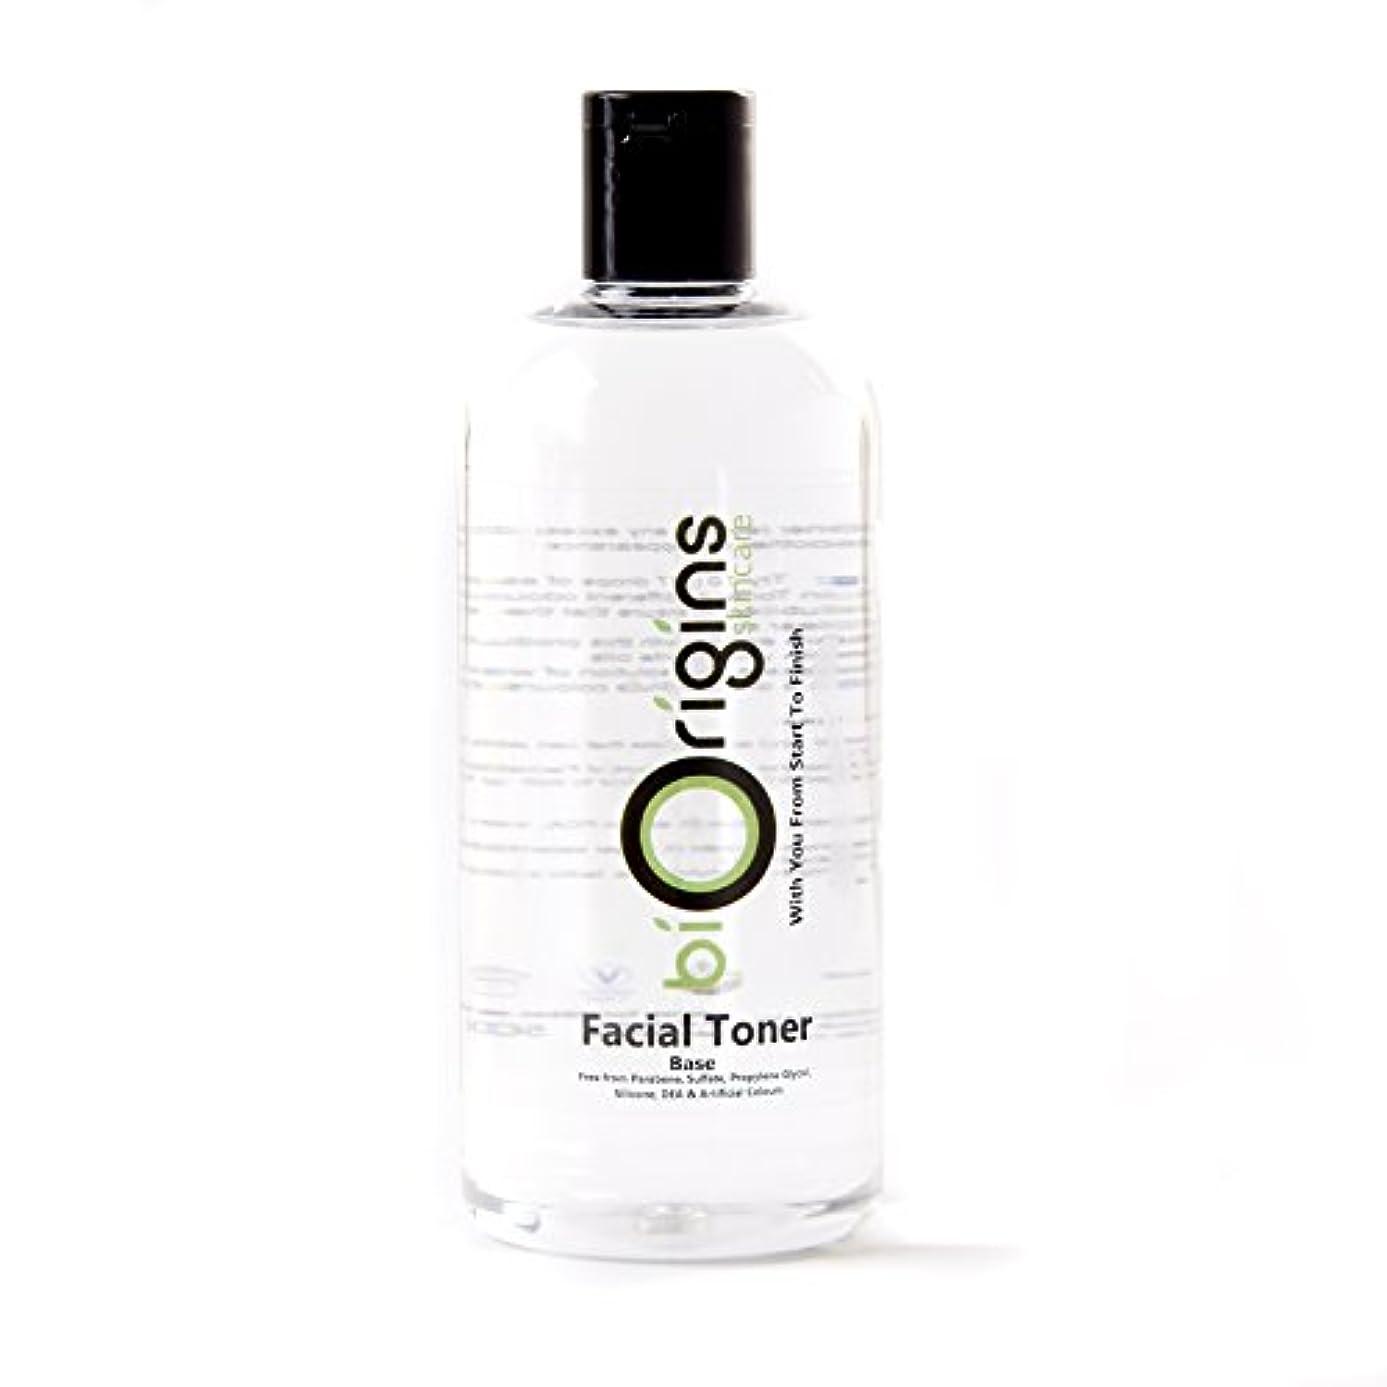 トライアスリートありがたいアグネスグレイFacial Toner - S&P Free - Botanical Skincare Base - 500g